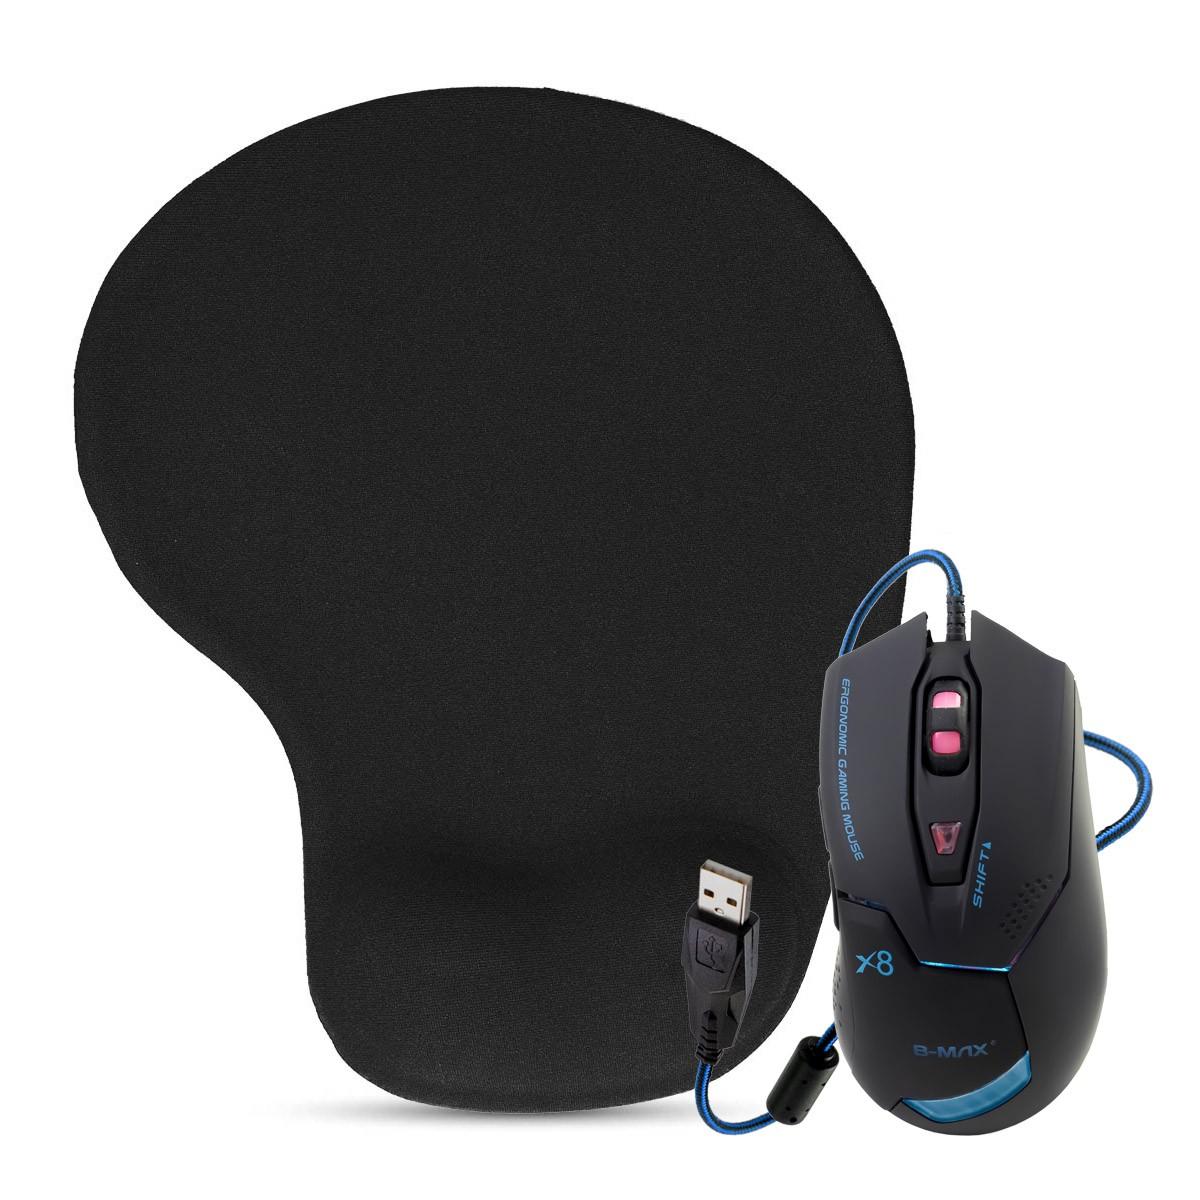 KIT Mouse Gamer USB com LEDs e Cabo Reforçado X8 + Mouse Pad Ergonômico com Apoio de Pulso em Gel SC1006A